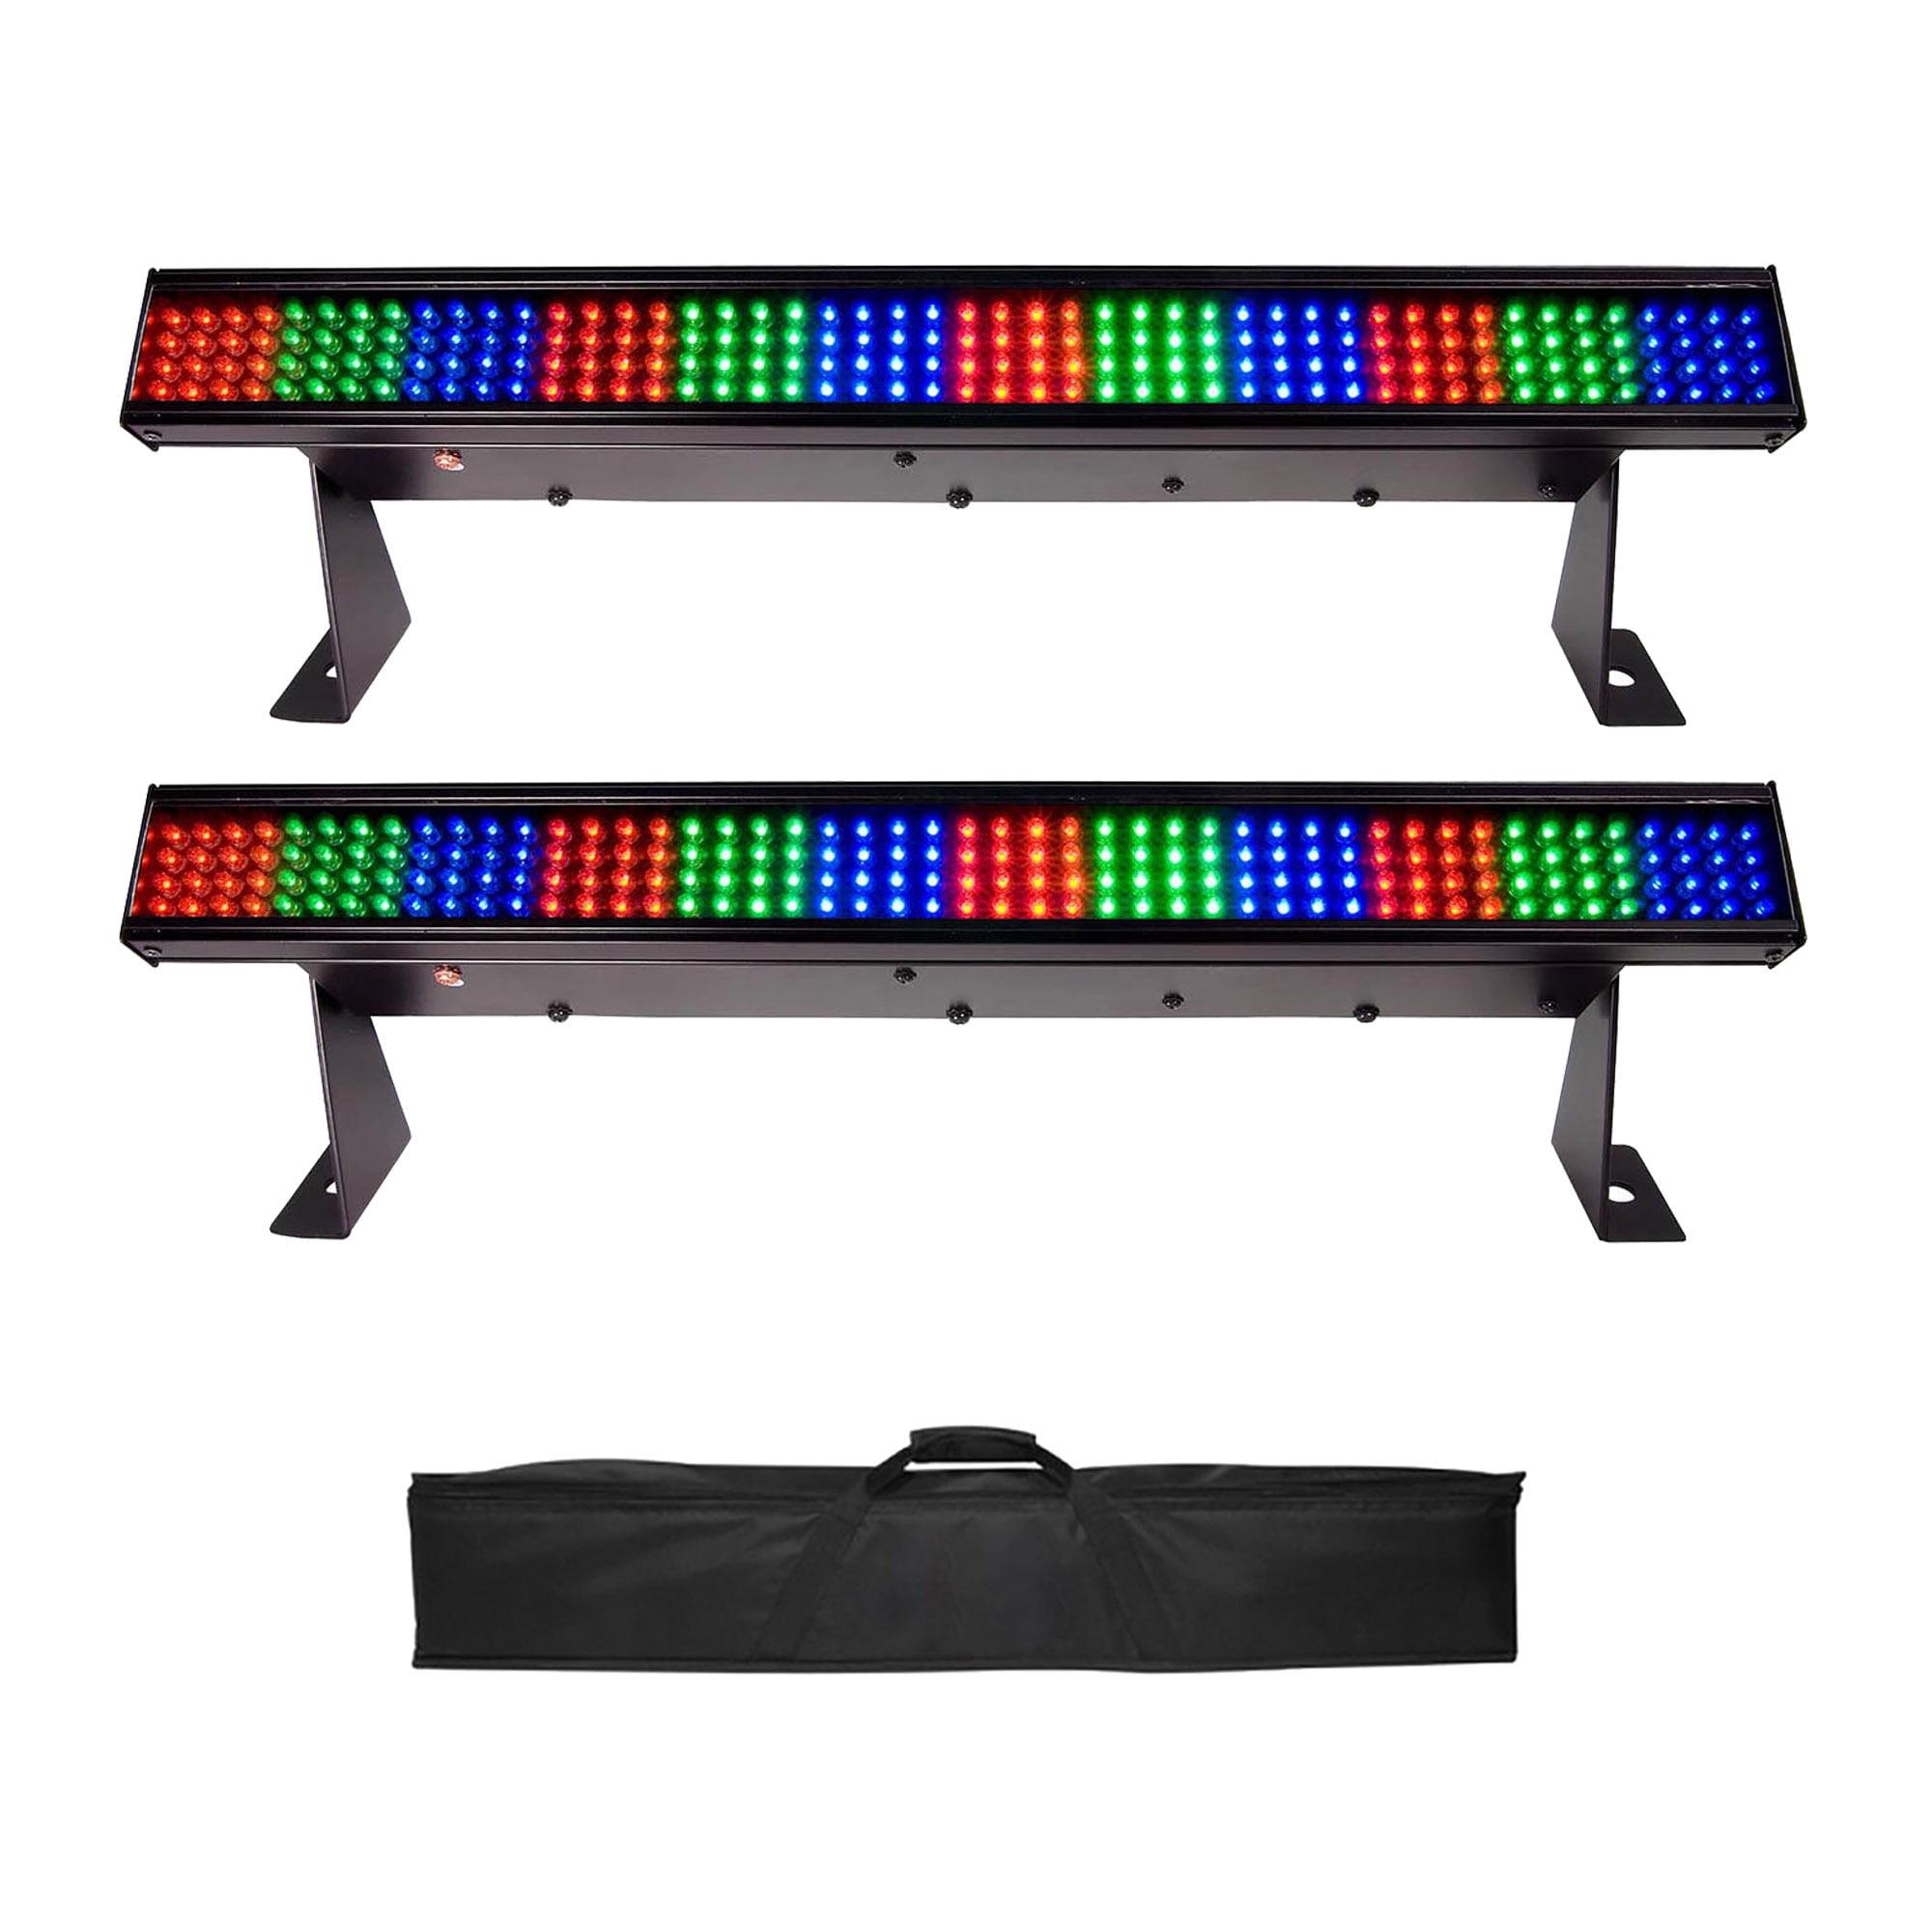 """Chauvet Colorstrip Mini 19"""" DMX LED Stage Wash Bar Light, 2 Pack + Carry Case"""